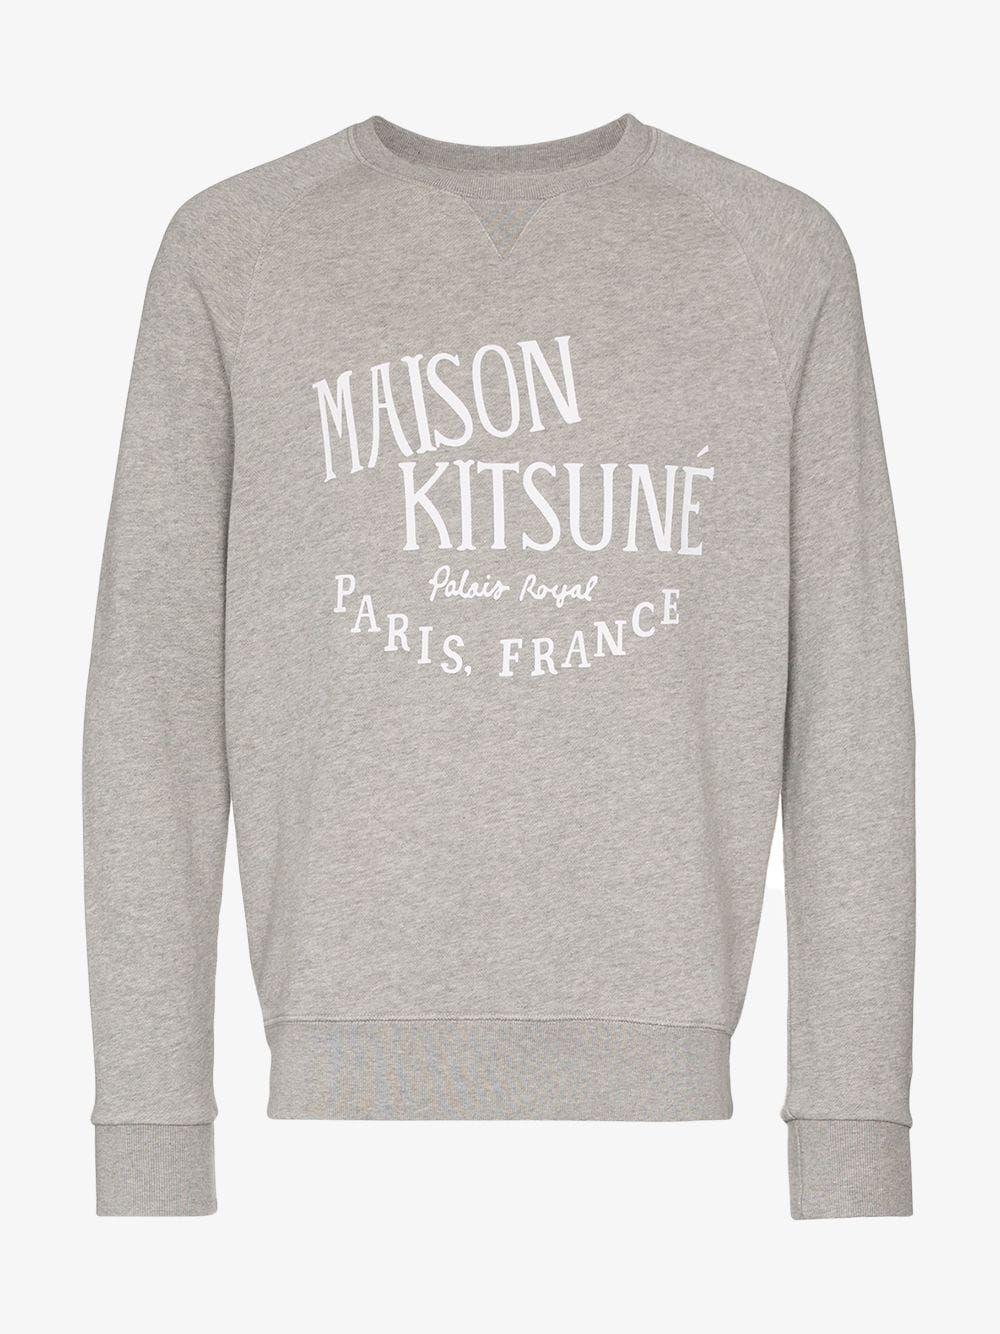 Maison Kitsune Maison Kitsune Kits Palais Crw Swt Gry Maisonkitsune Cloth Maison Kitsune Kitsune Maison Kitsune [ 1334 x 1000 Pixel ]